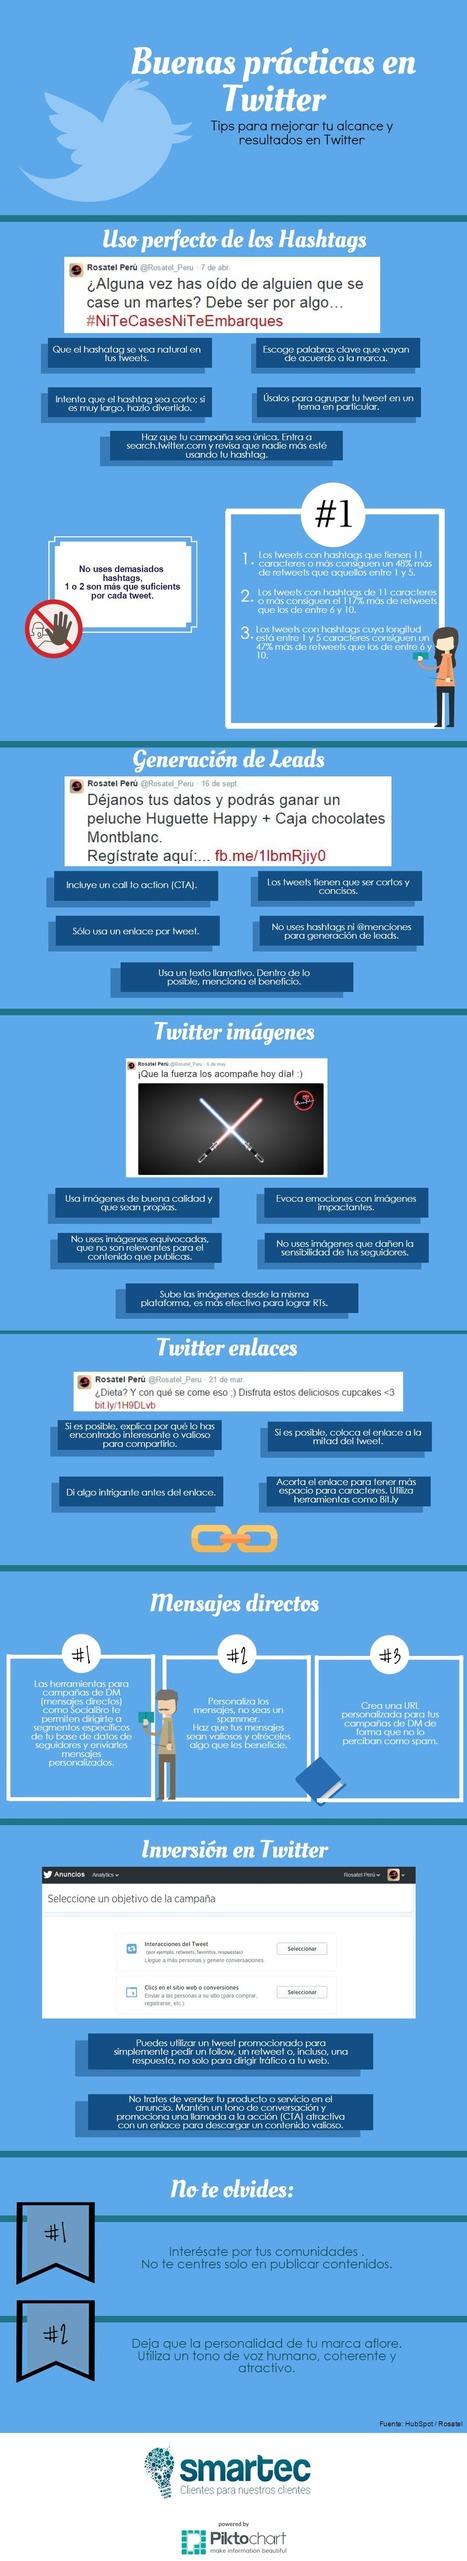 Buenas prácticas en Twitter   Elearning   Scoop.it